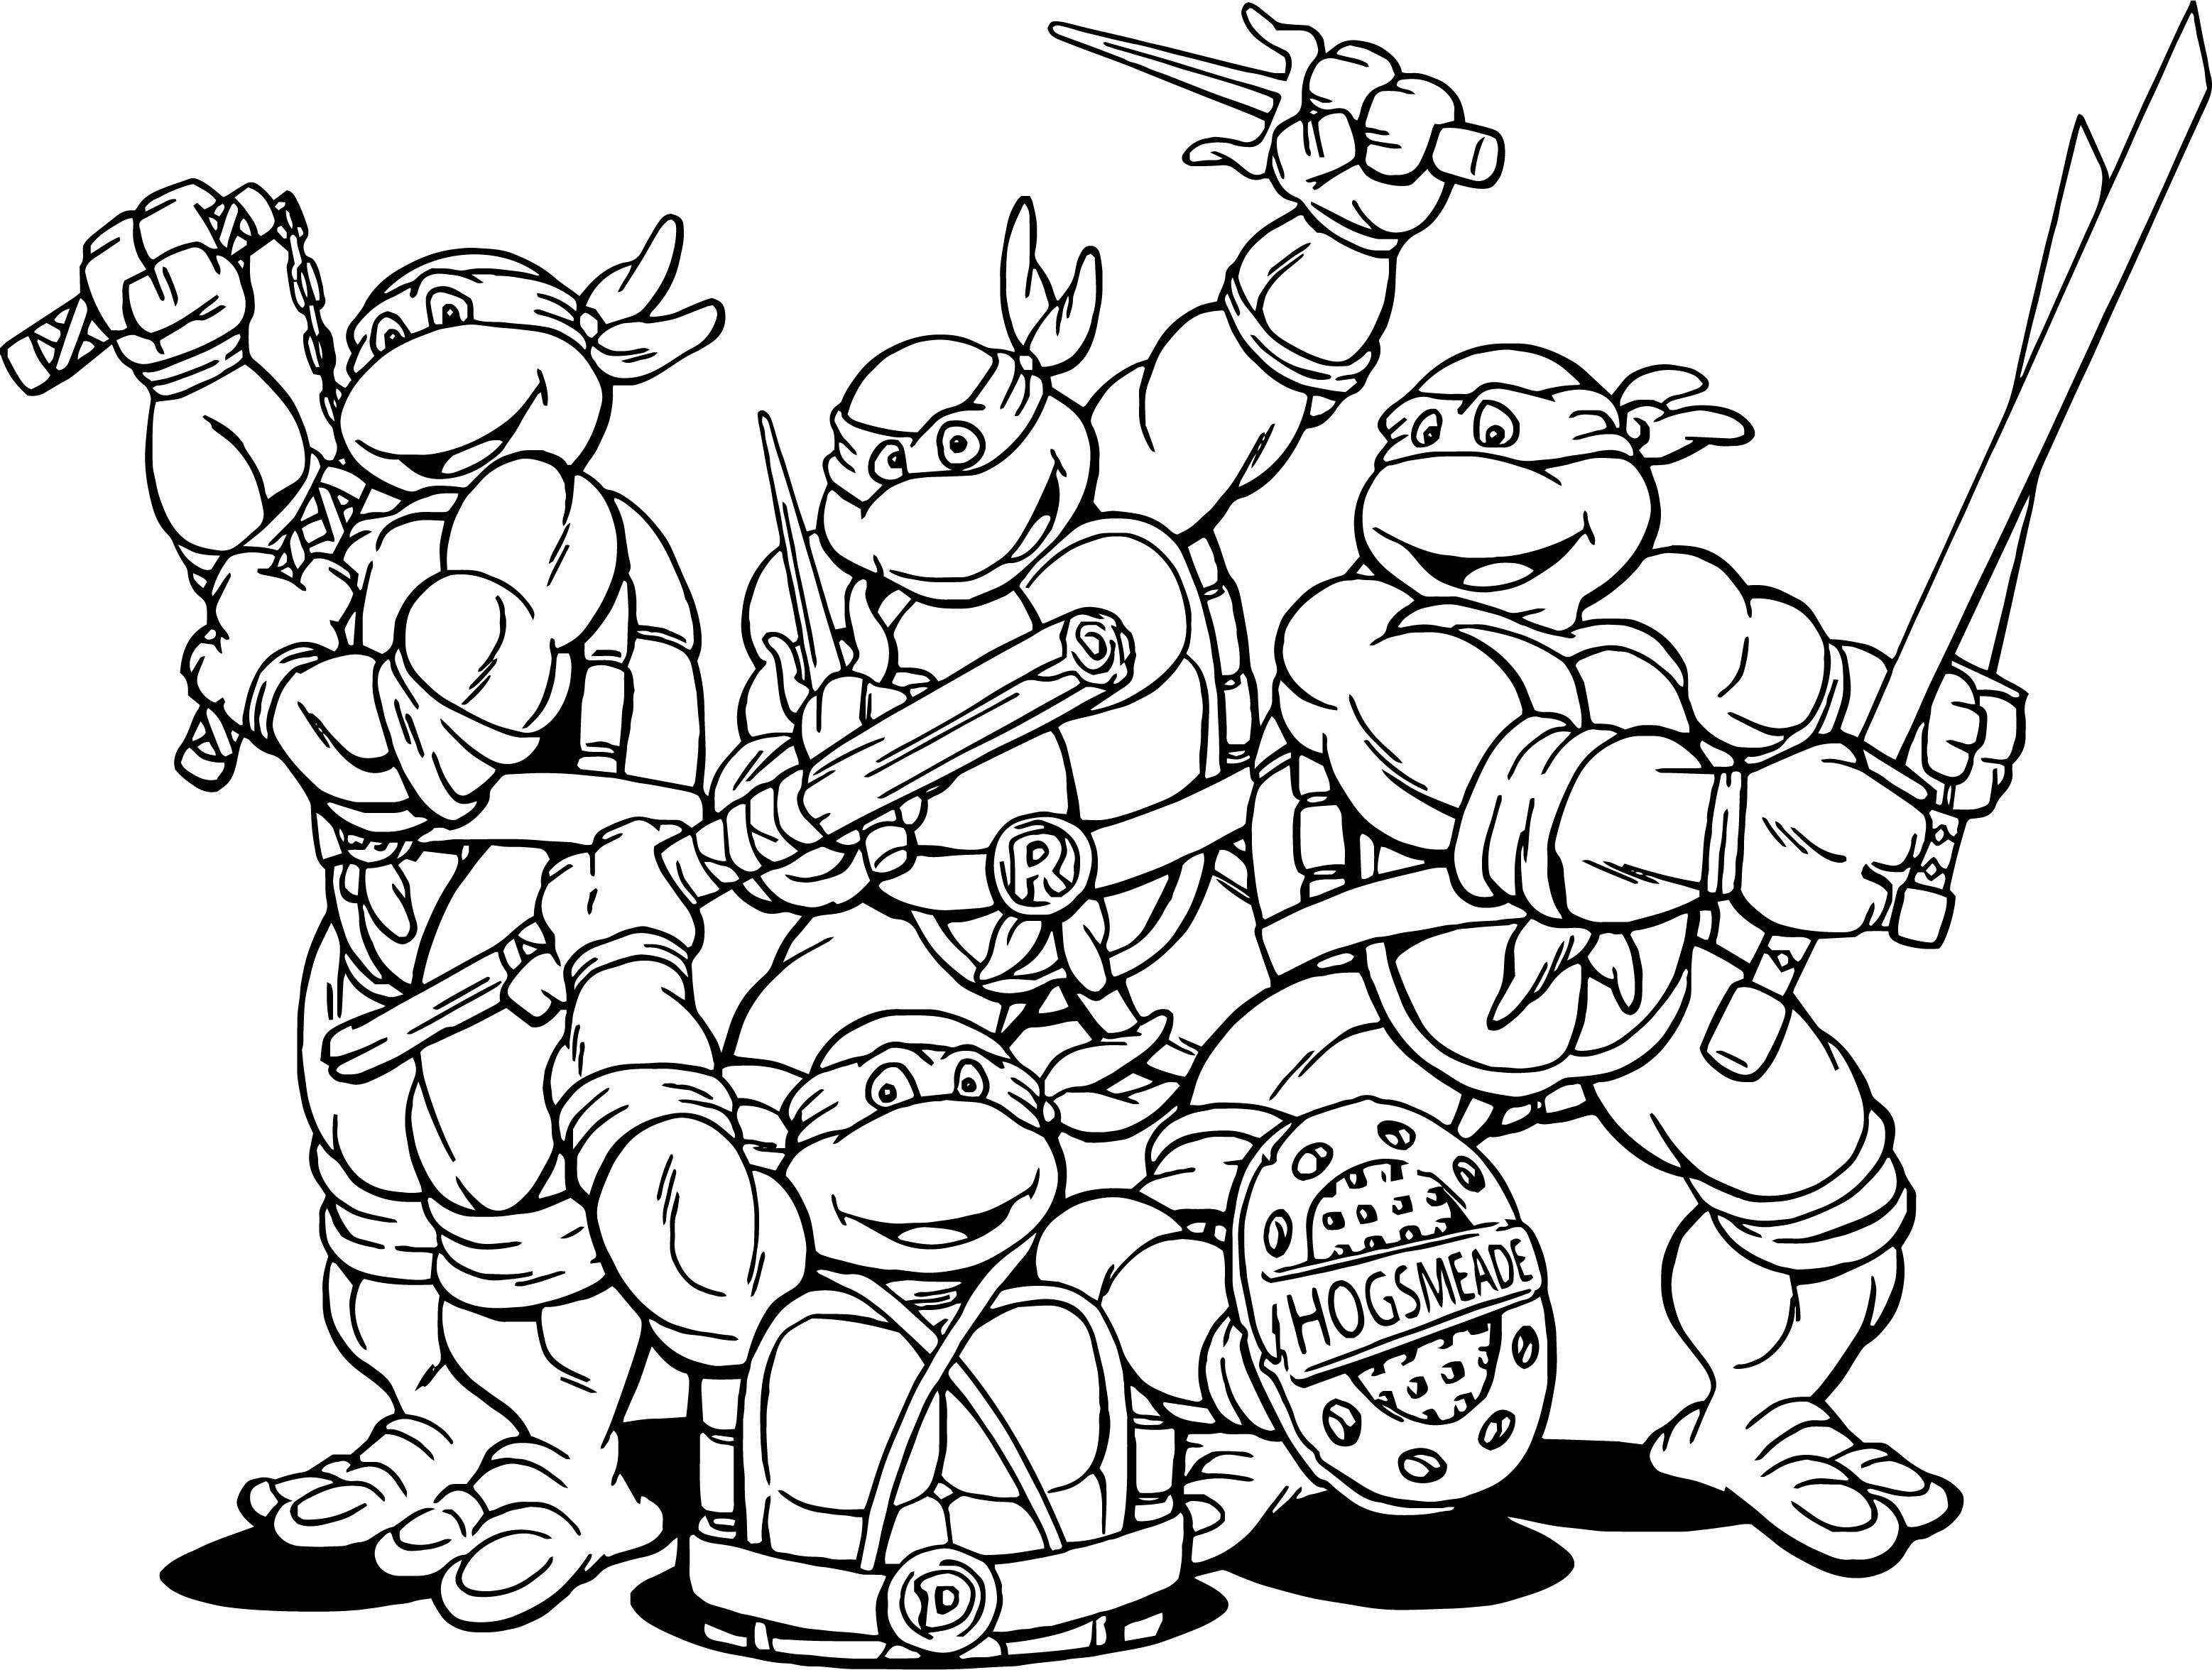 - Ninja Turtles Coloring Pages Teenage Mutant Ninja Turtles Cartoon